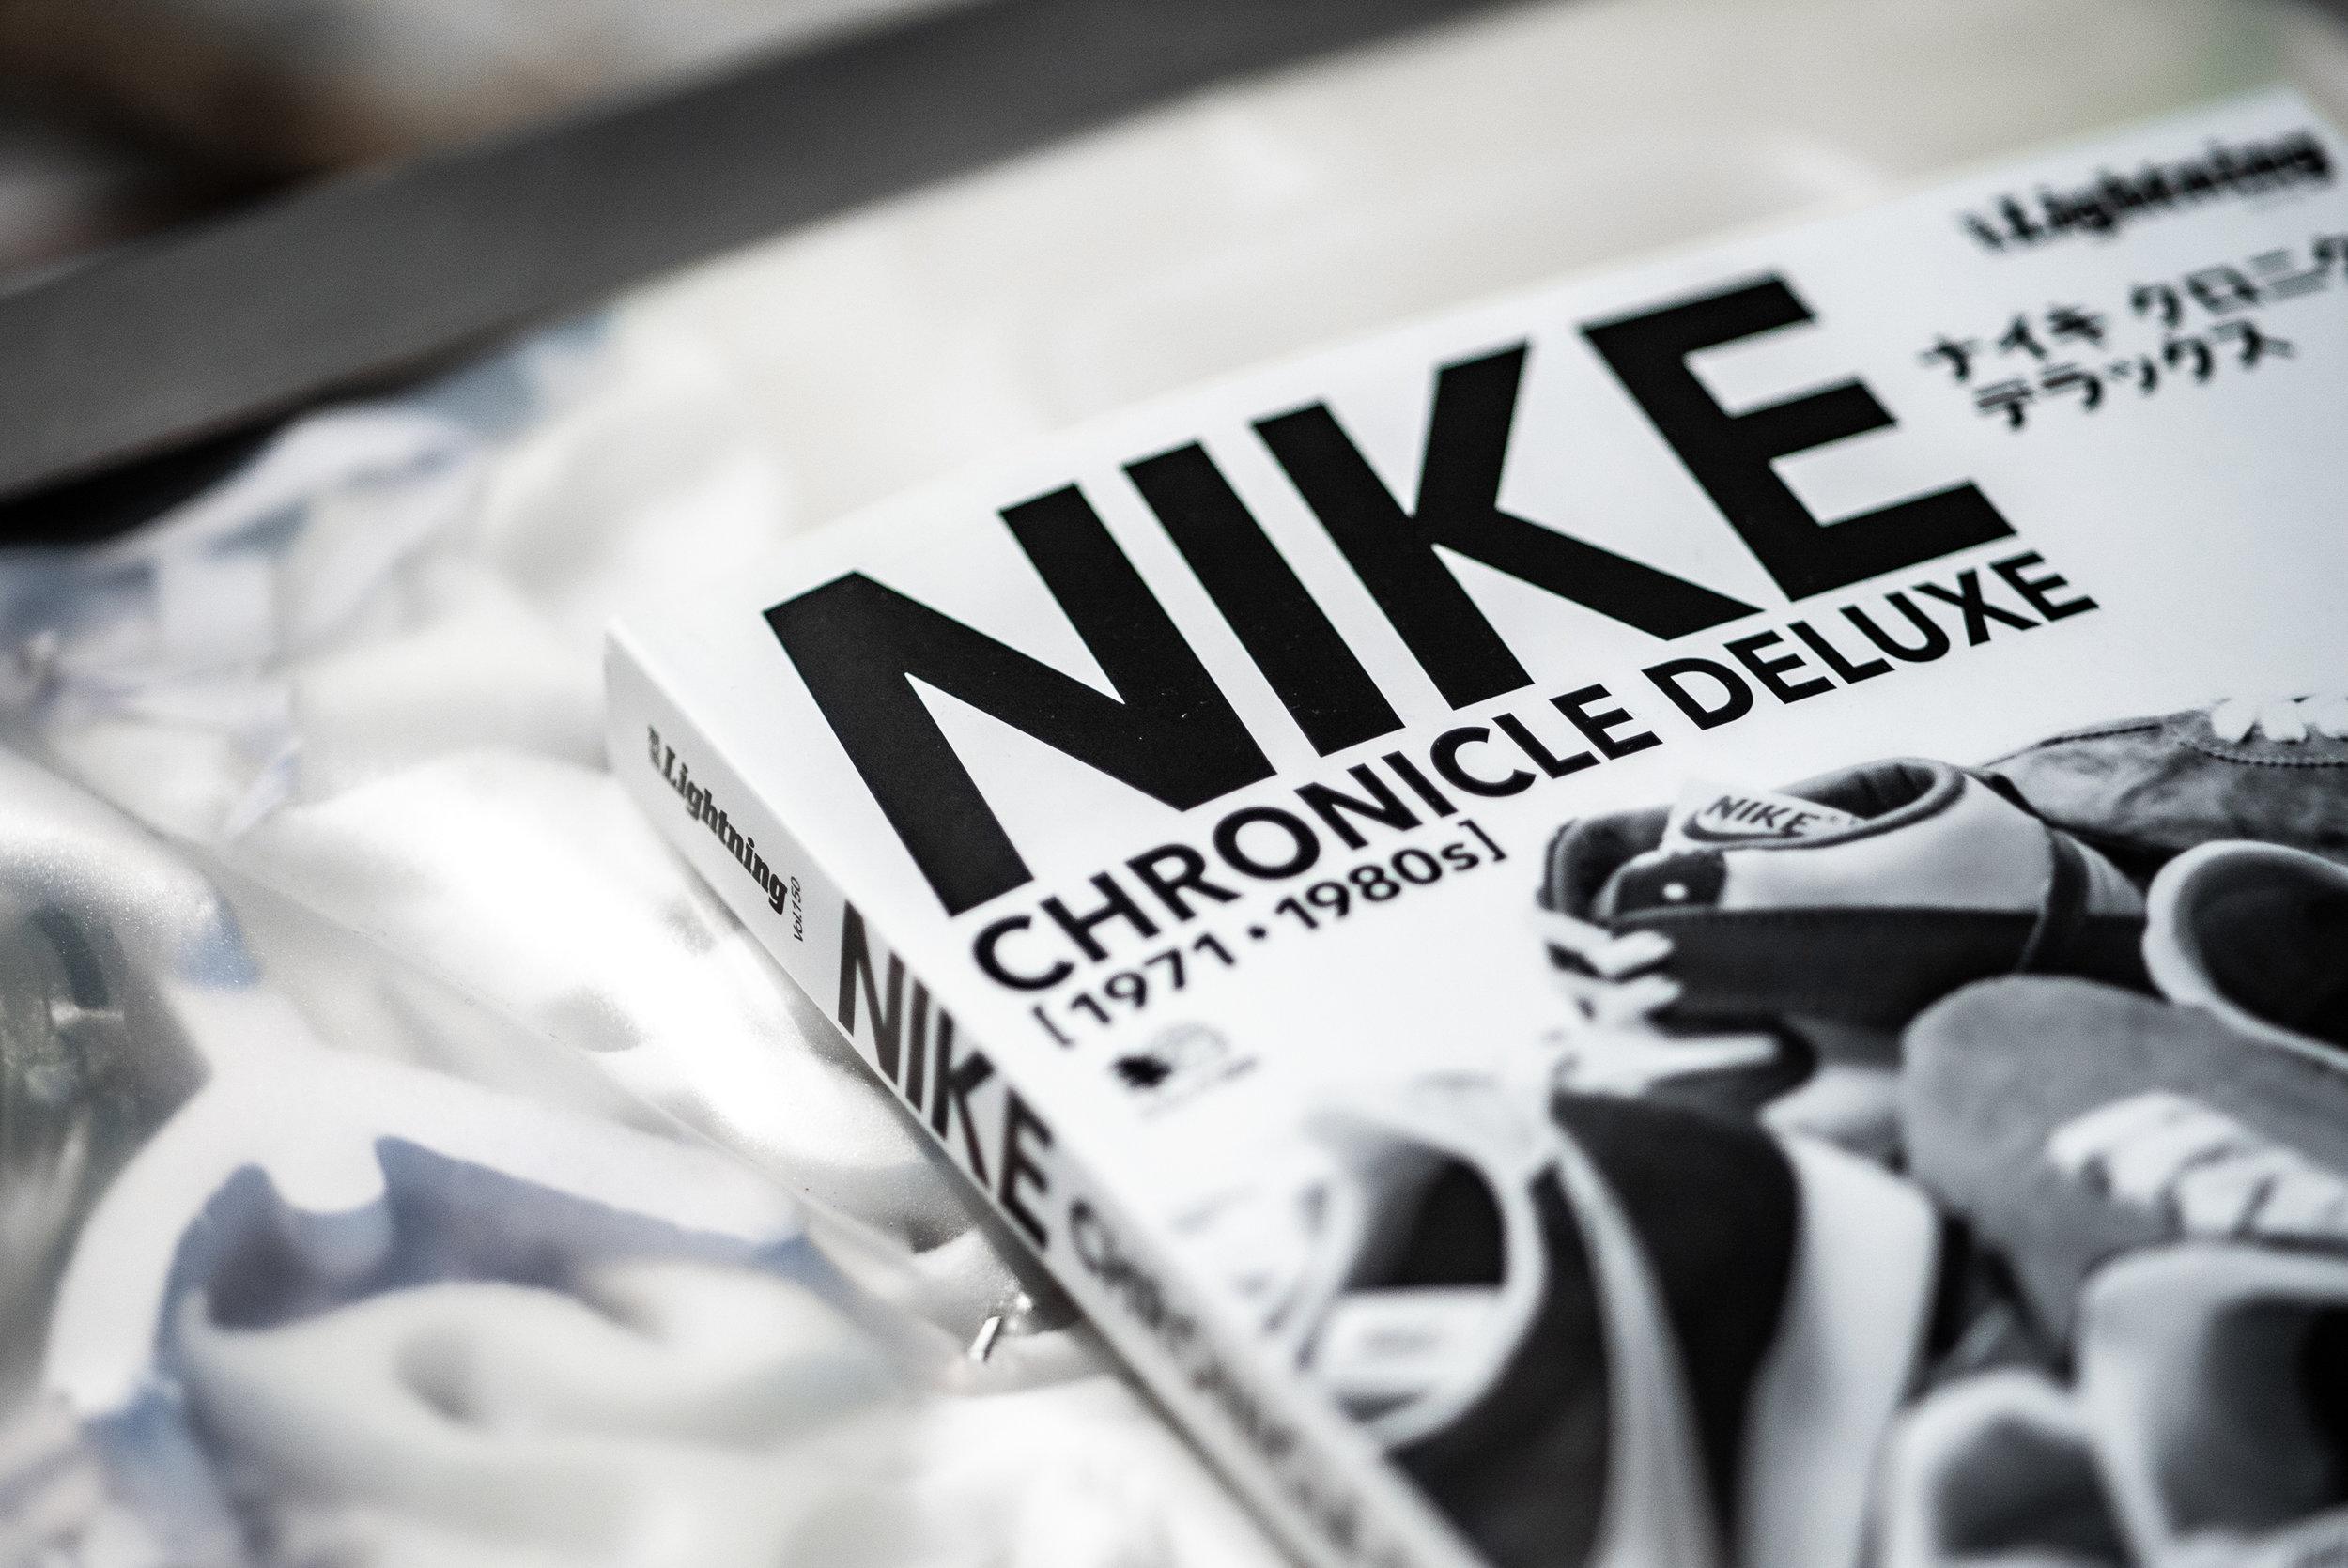 JFENSKE_10113_Satis_Nike_Relab__JTF2727_low_01.jpg